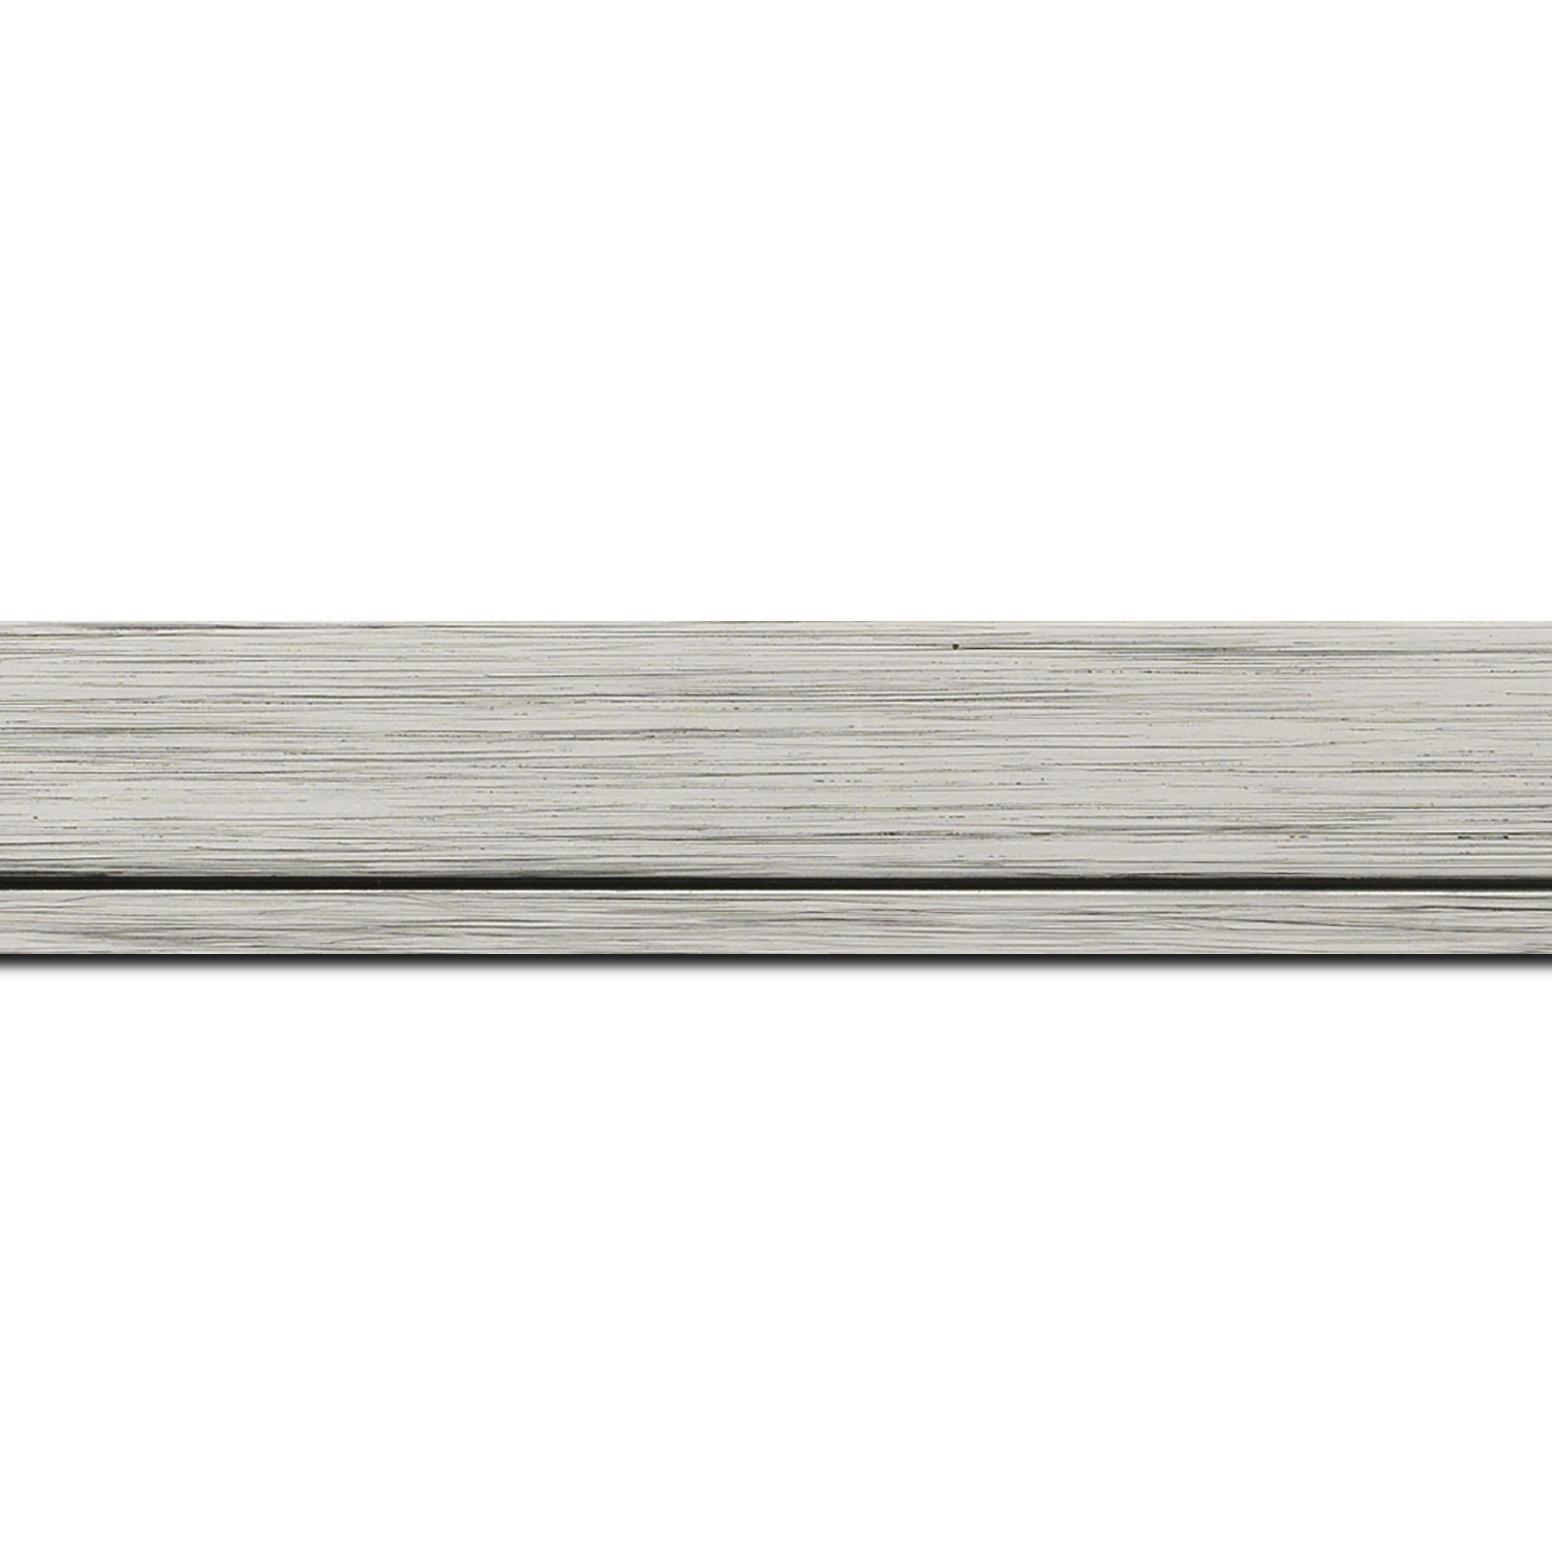 Pack par 12m, bois profil plat largeur 3.3cm couleur argent  filet argent (longueur baguette pouvant varier entre 2.40m et 3m selon arrivage des bois)